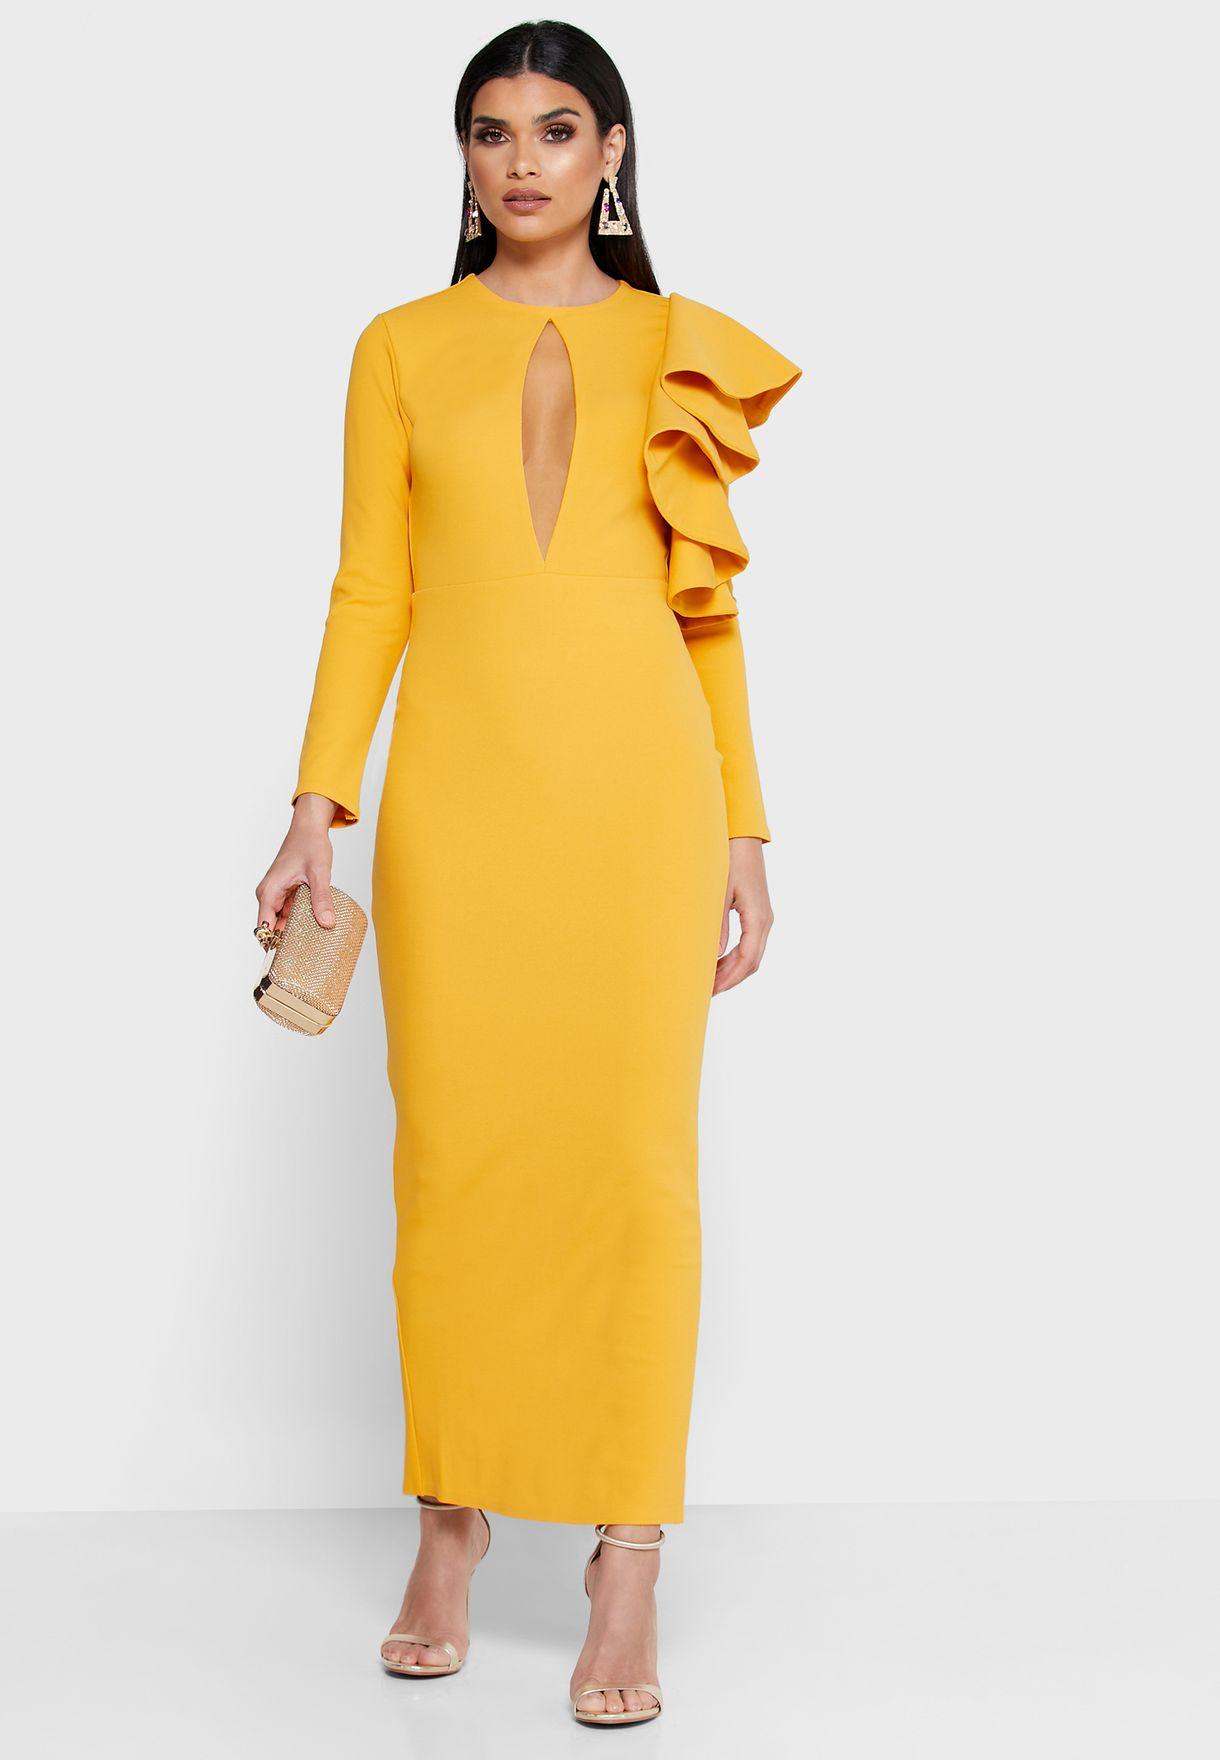 فستان بأزرار في الخلف مع كشكش على الكتف